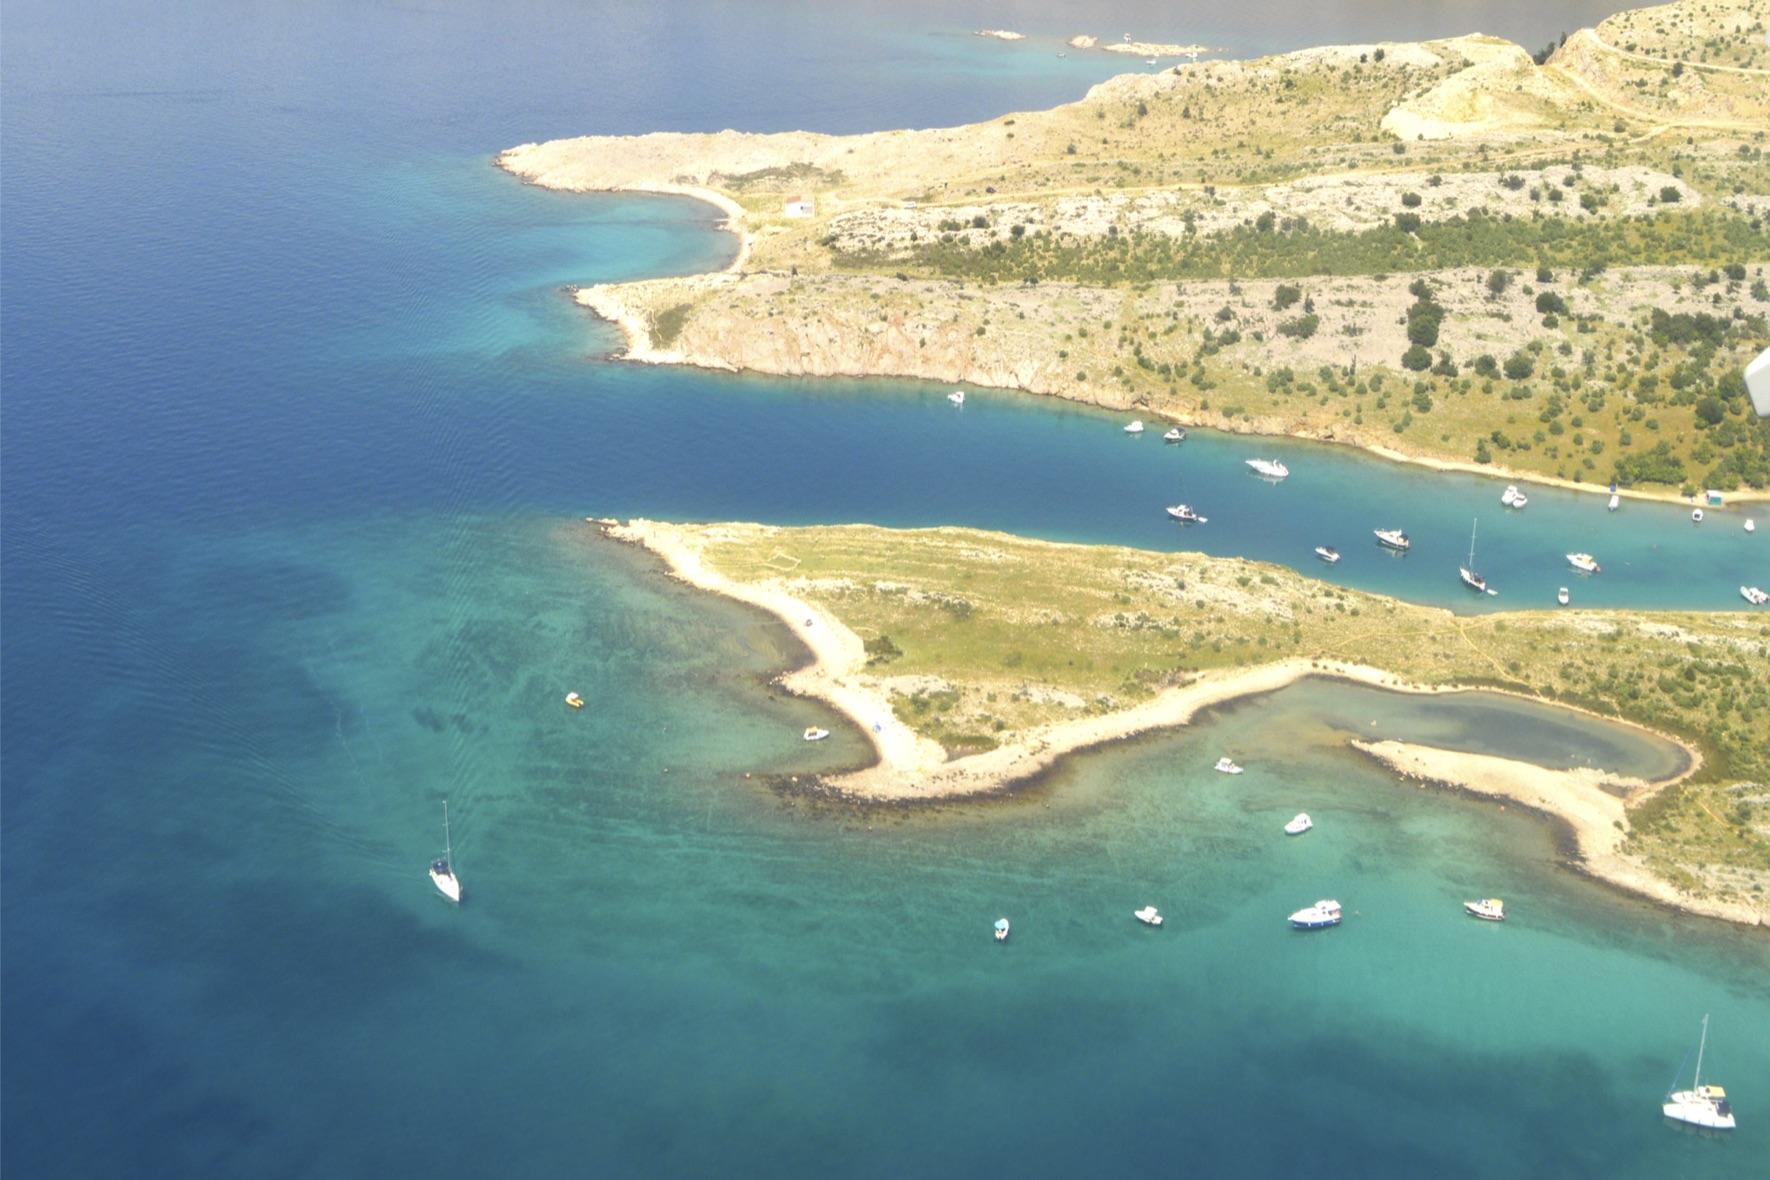 flottiglia in barca a vela viaggi maturità Croazia